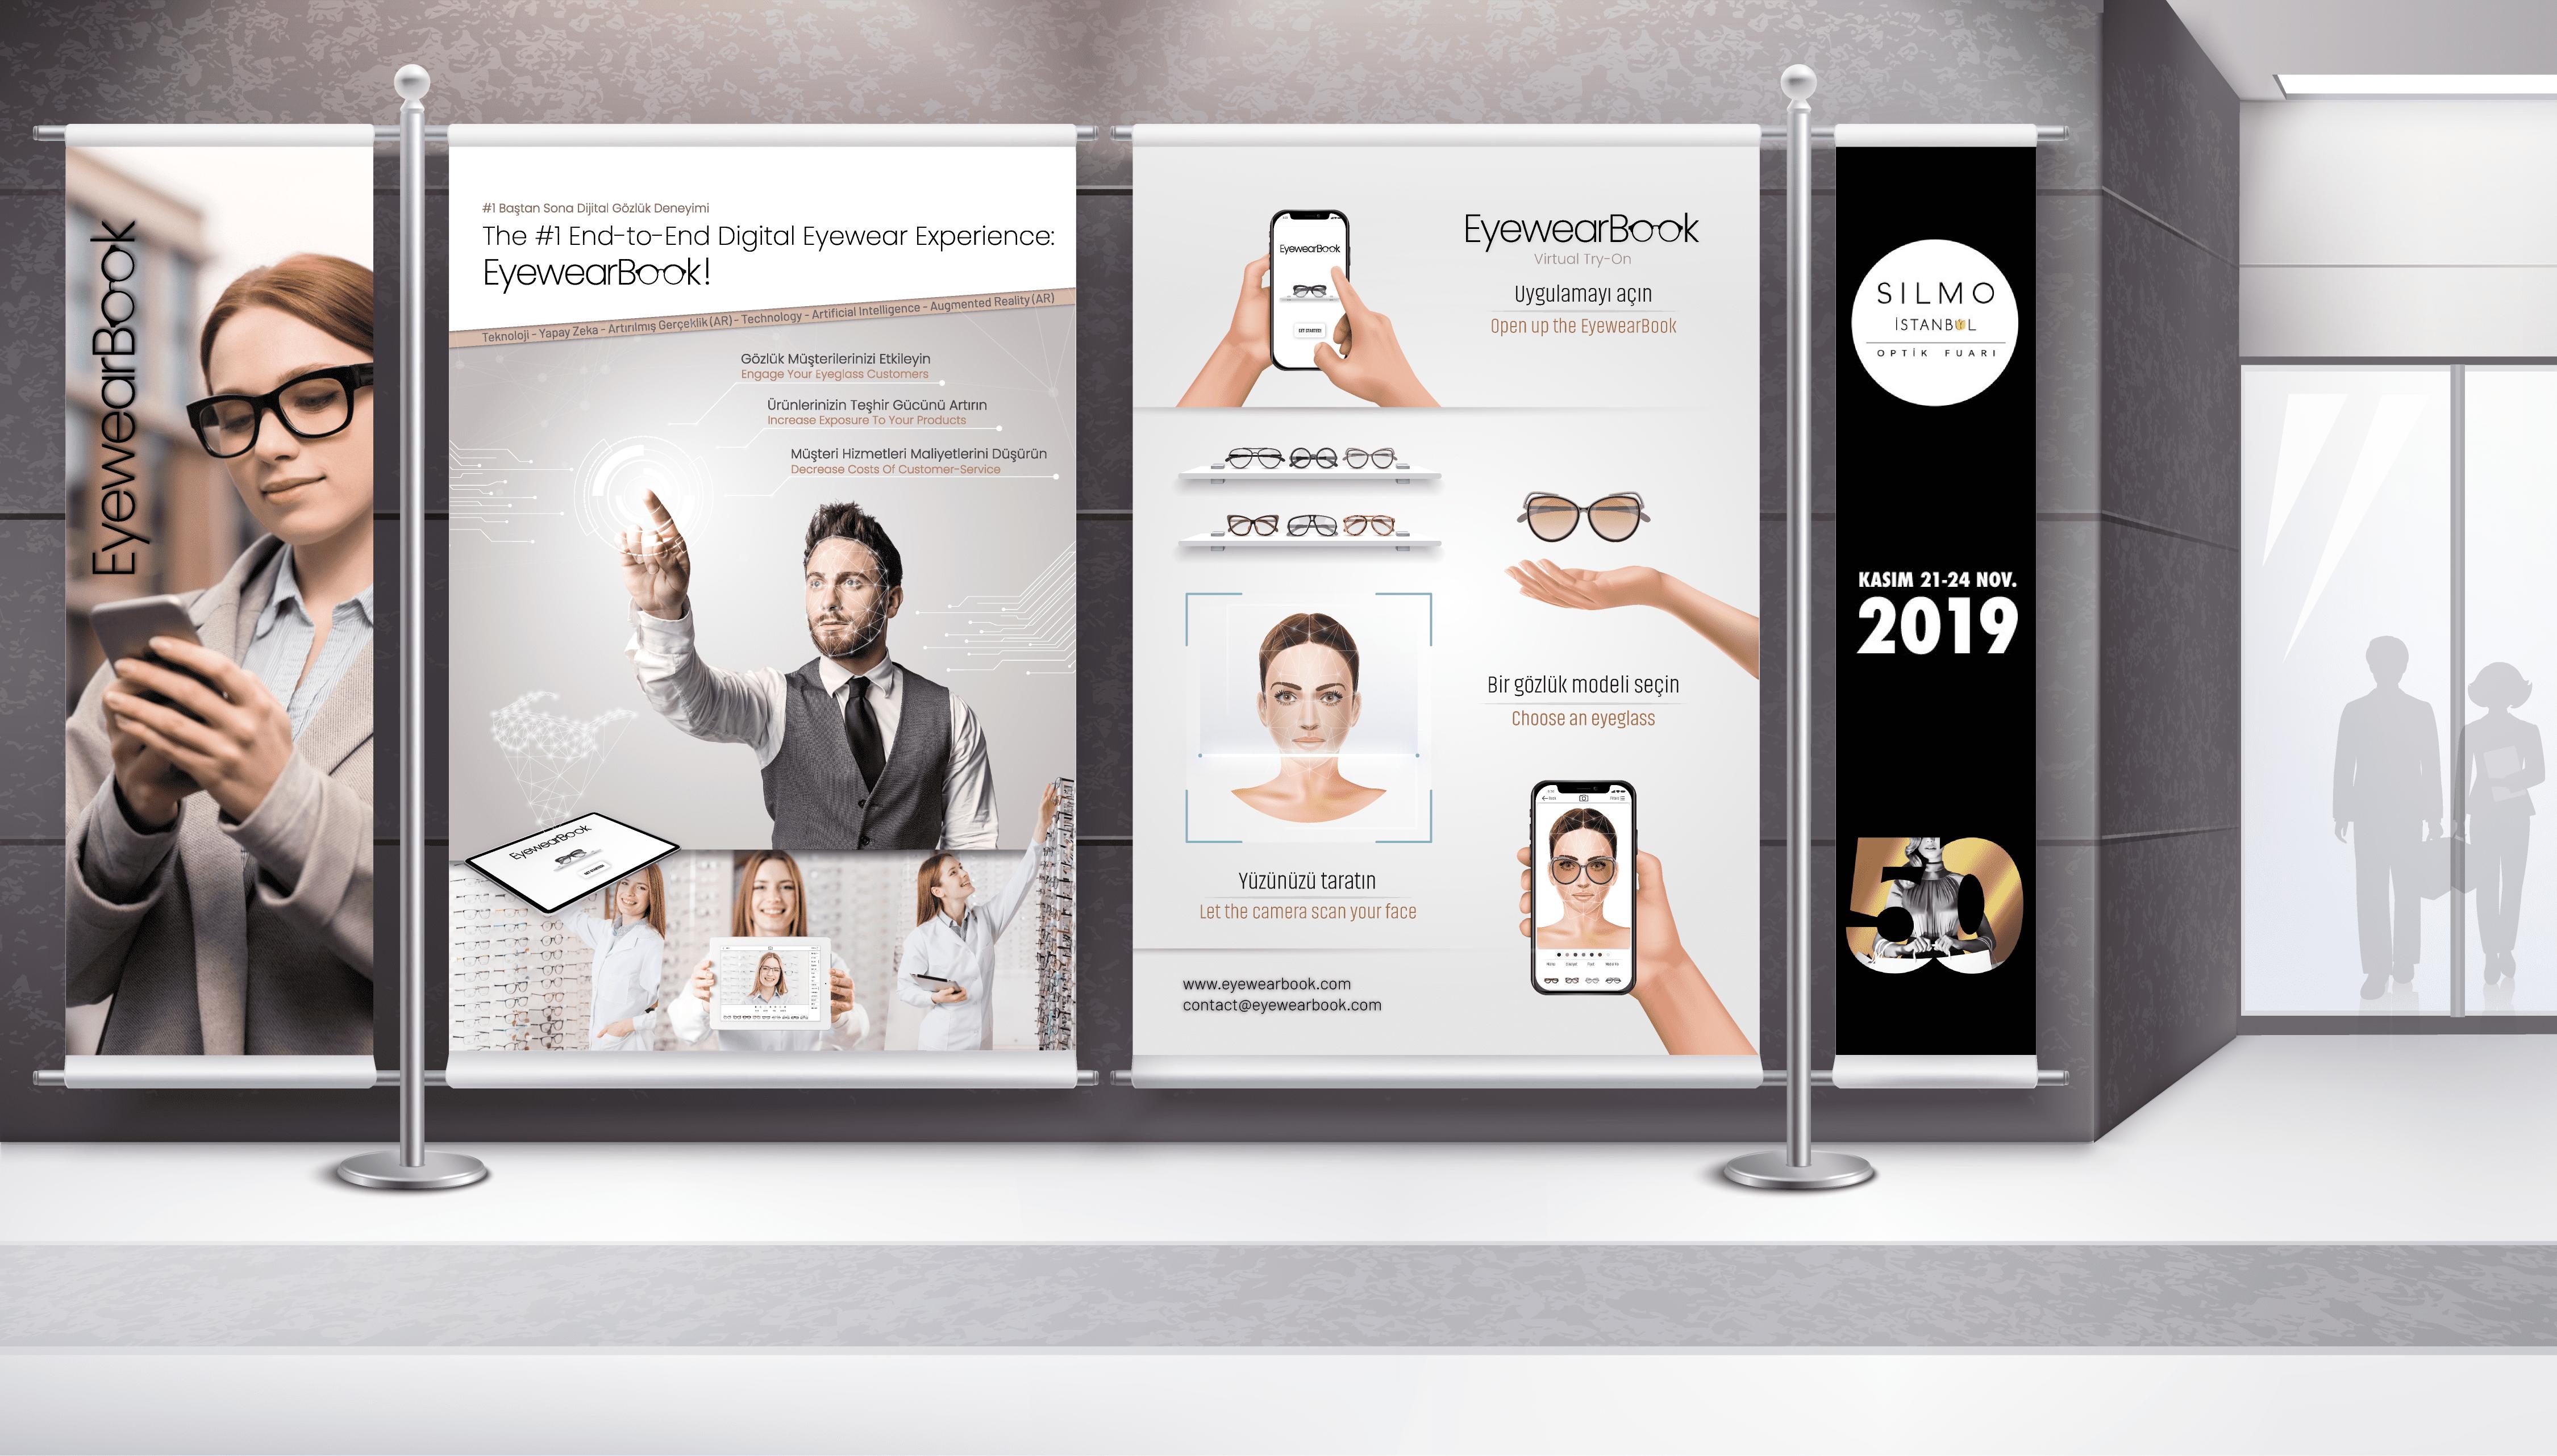 Eyewearbook Silmo Fair Posters